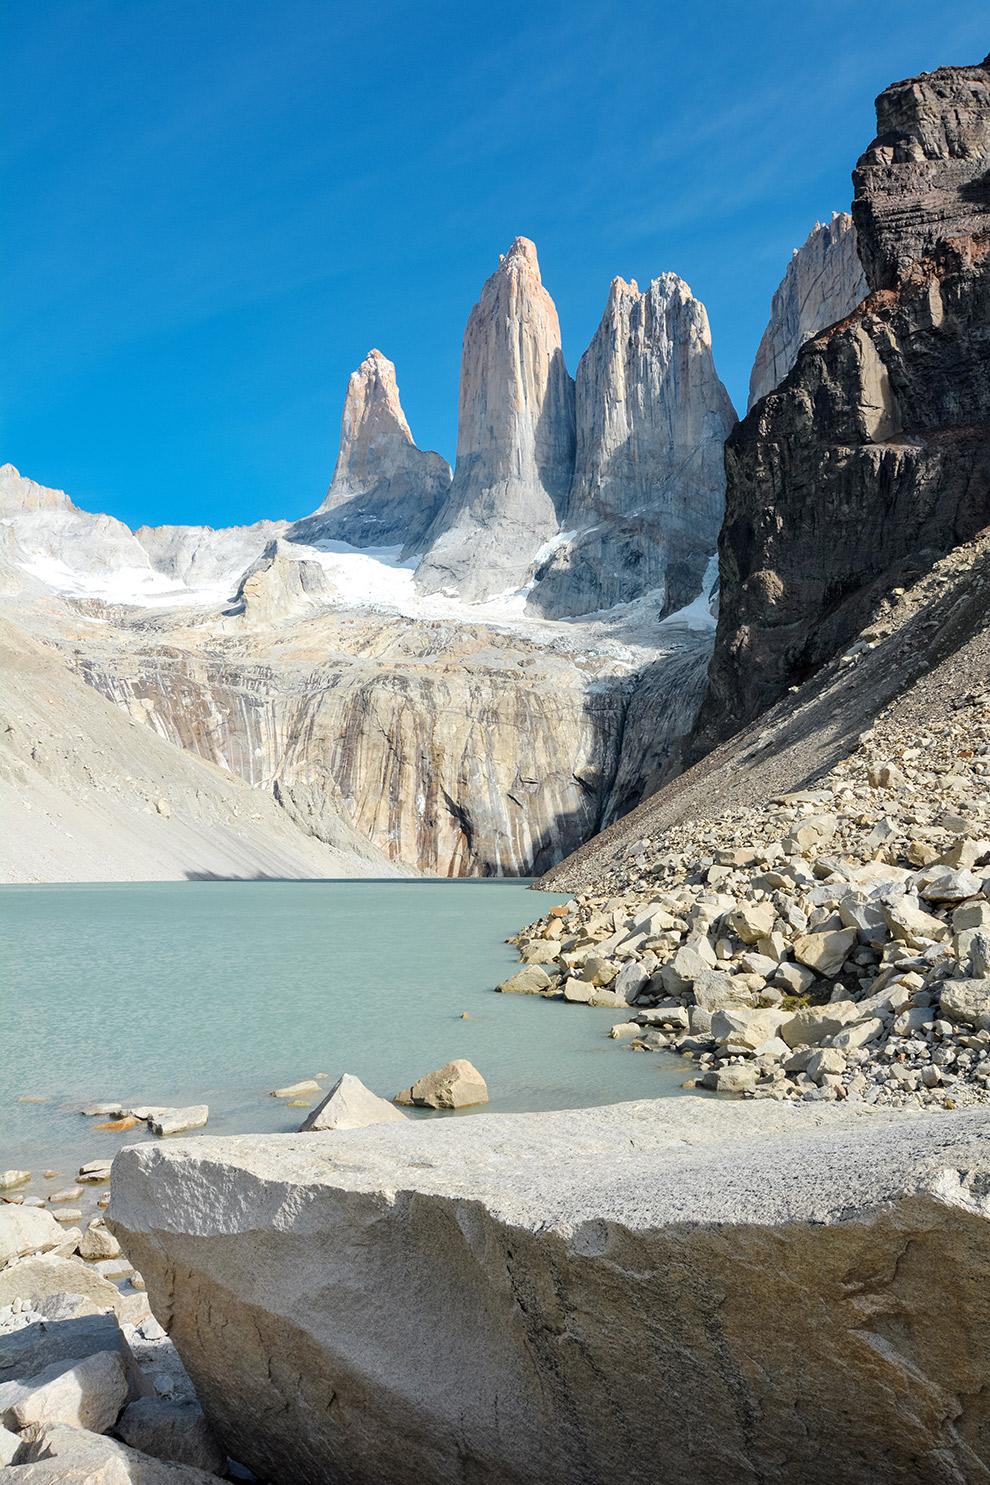 Hike naar de top van de drie torens in Torres del Paine